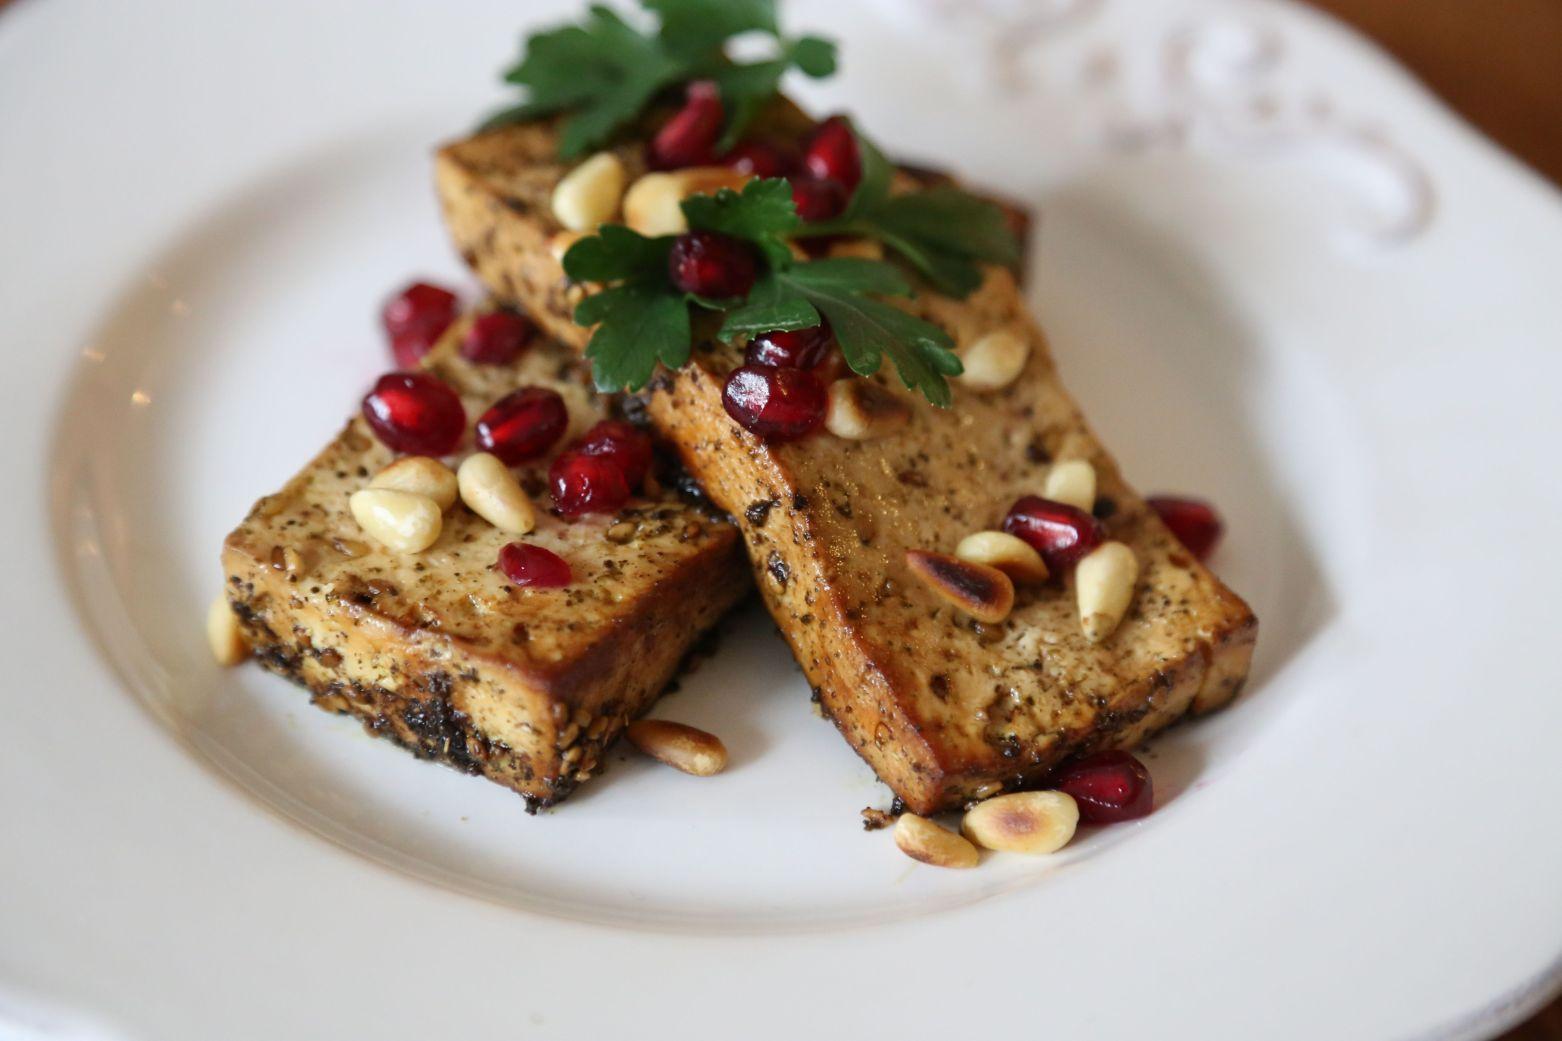 Za'atar and Pomegranate Roasted Tofu